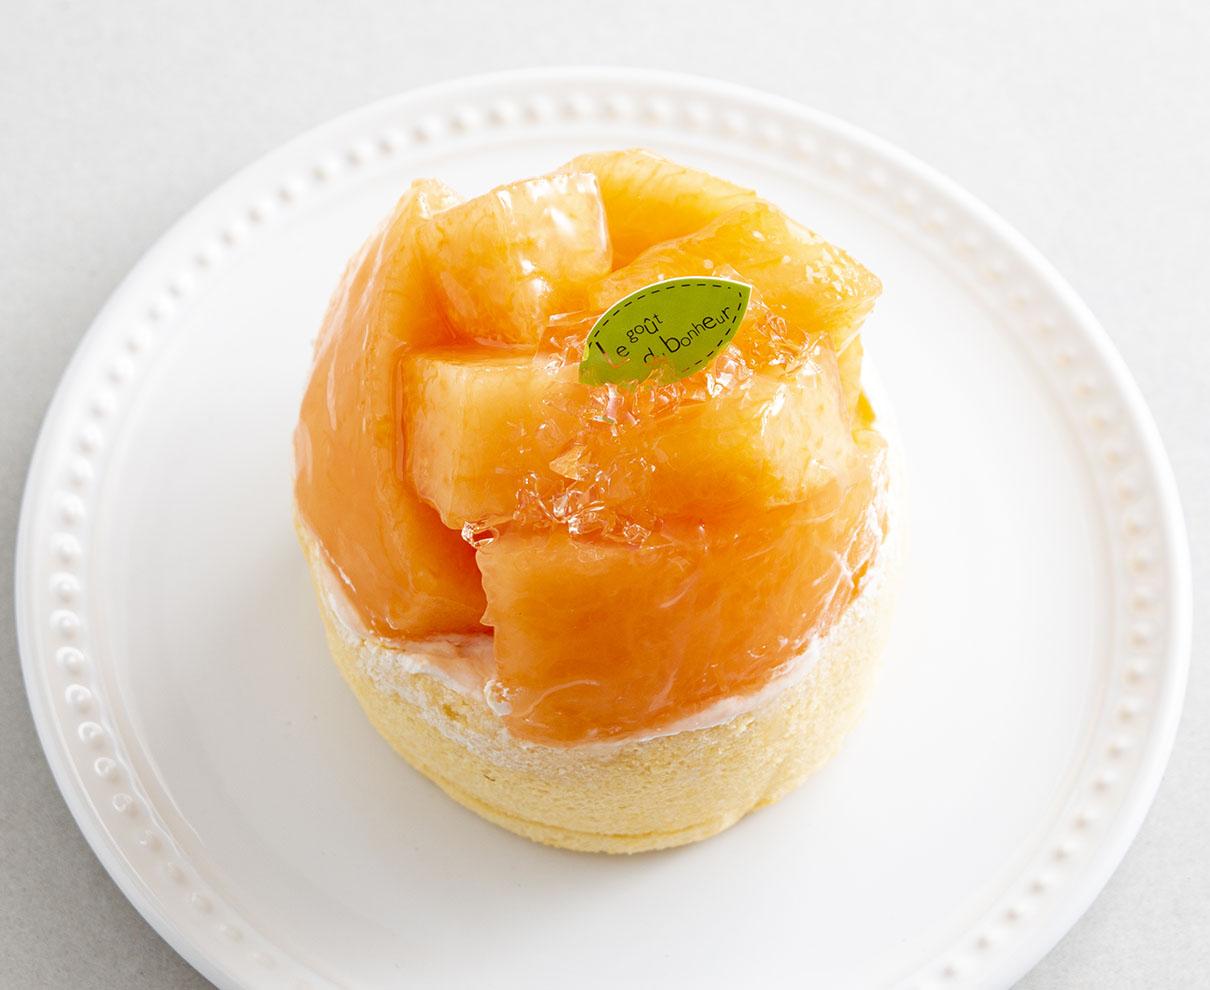 今日のおやつは、洋菓子JUNの食べごろメロン♪